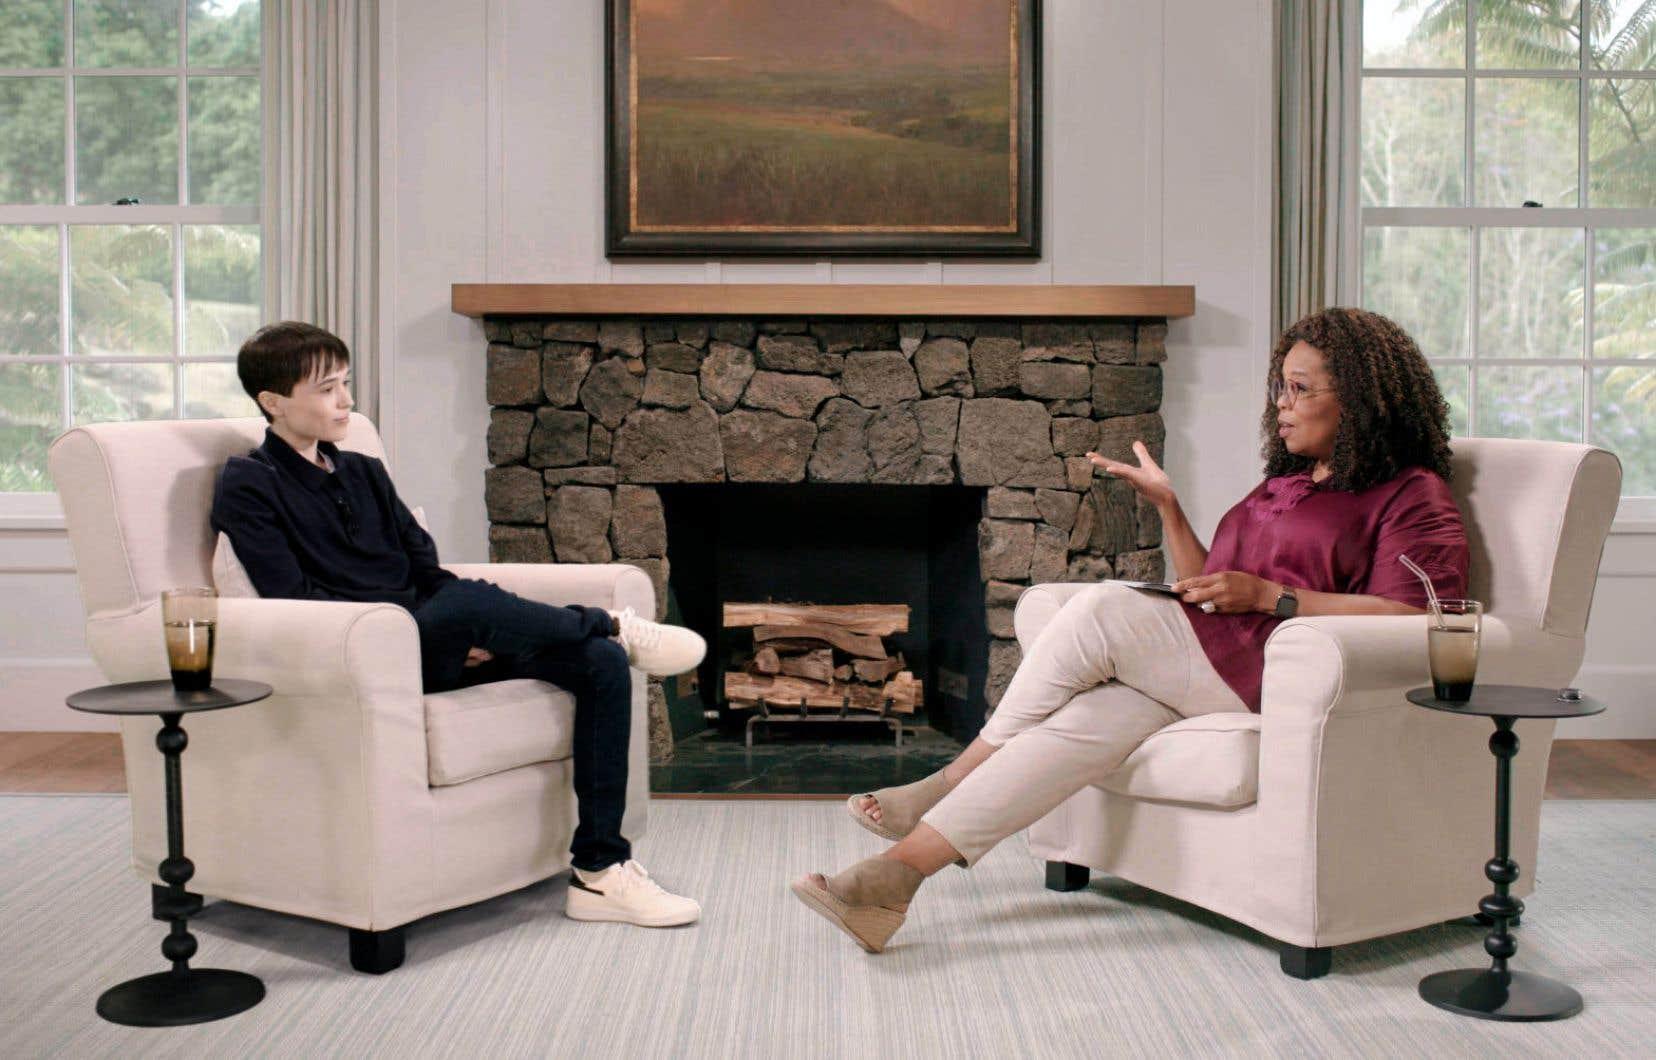 L'acteur né à Halifax s'est entretenu en tête-à-tête avec l'animatrice Oprah Winfrey.